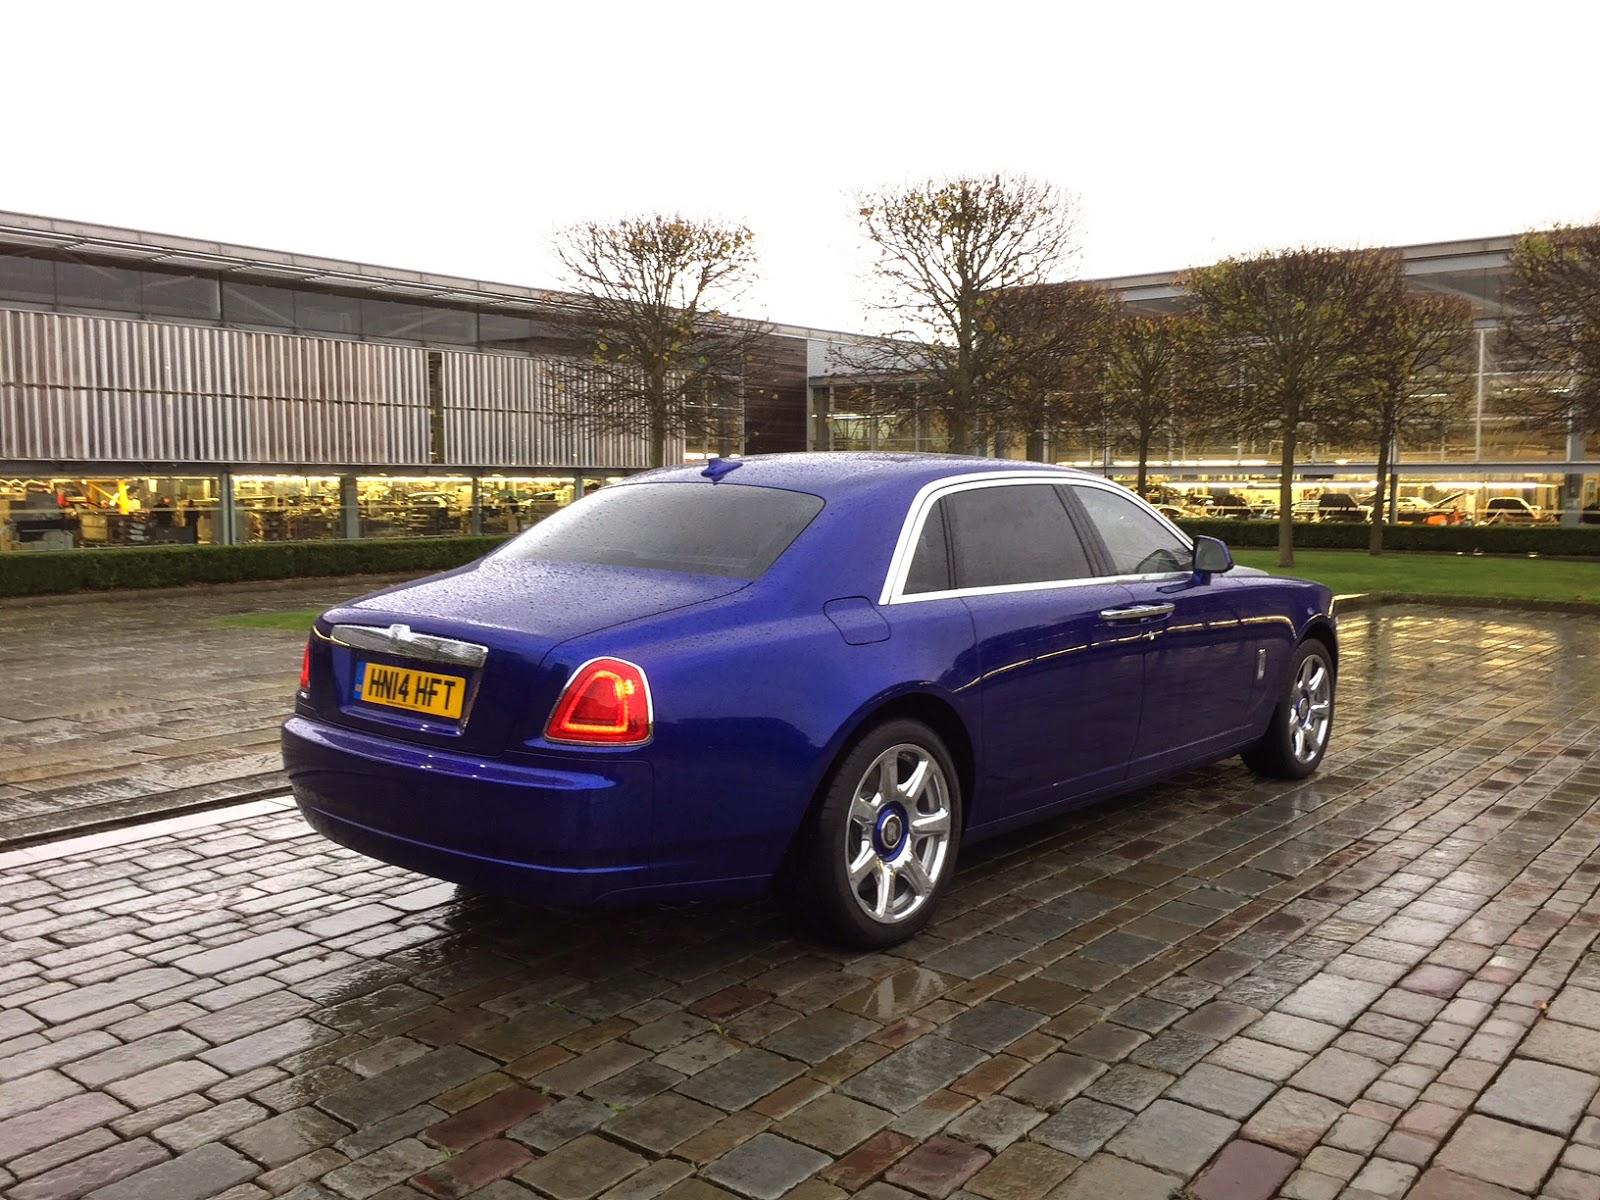 2014 Rolls Royce Ghost Series II Extended Wheelbase